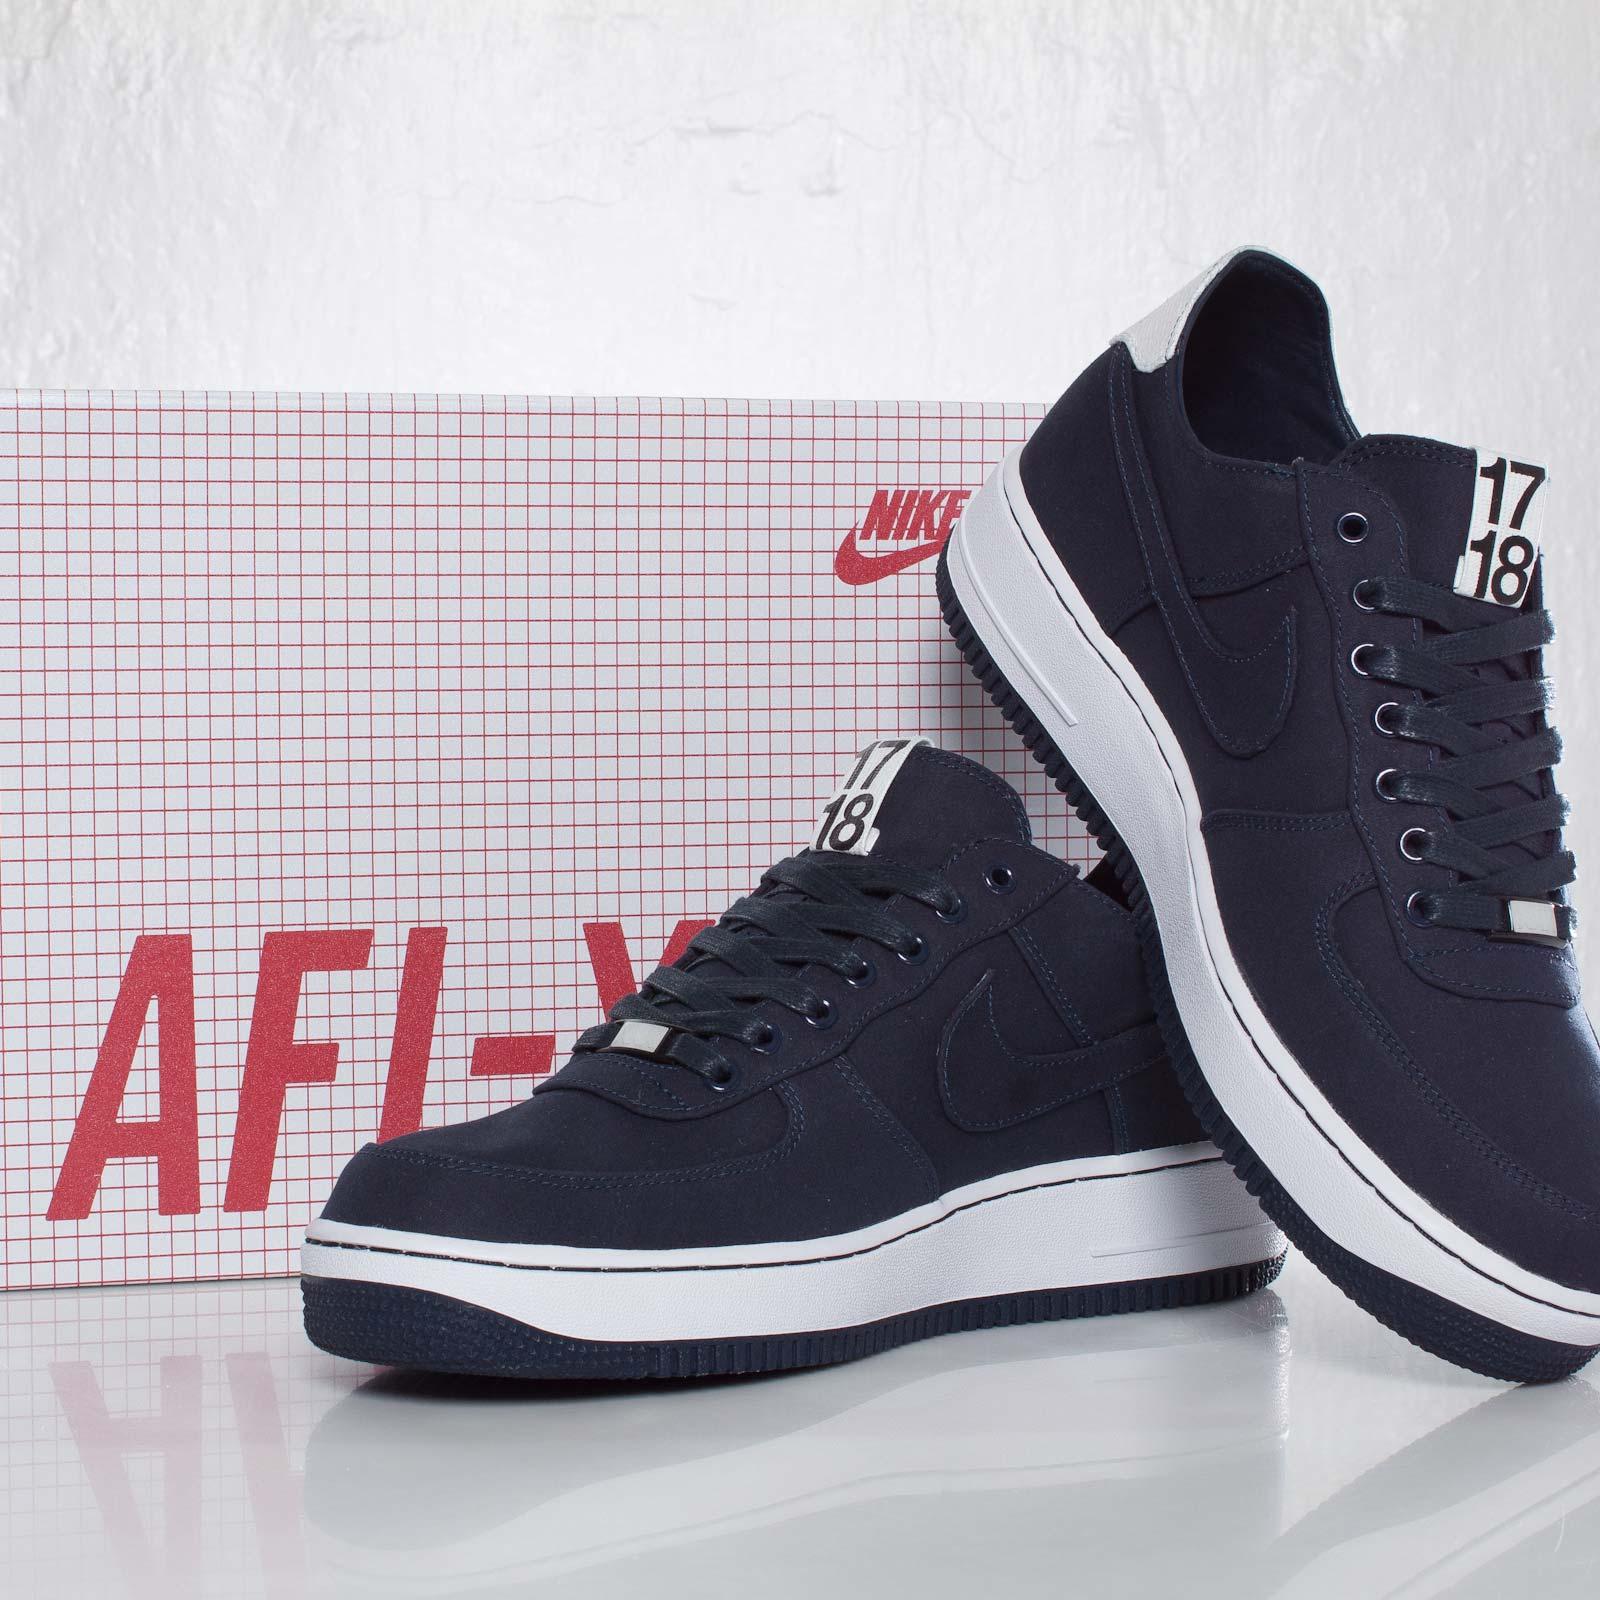 online store 69b6c eb66d Nike Air Force 1 DSM NRG - 543512-440 - Sneakersnstuff   sneakers    streetwear online since 1999